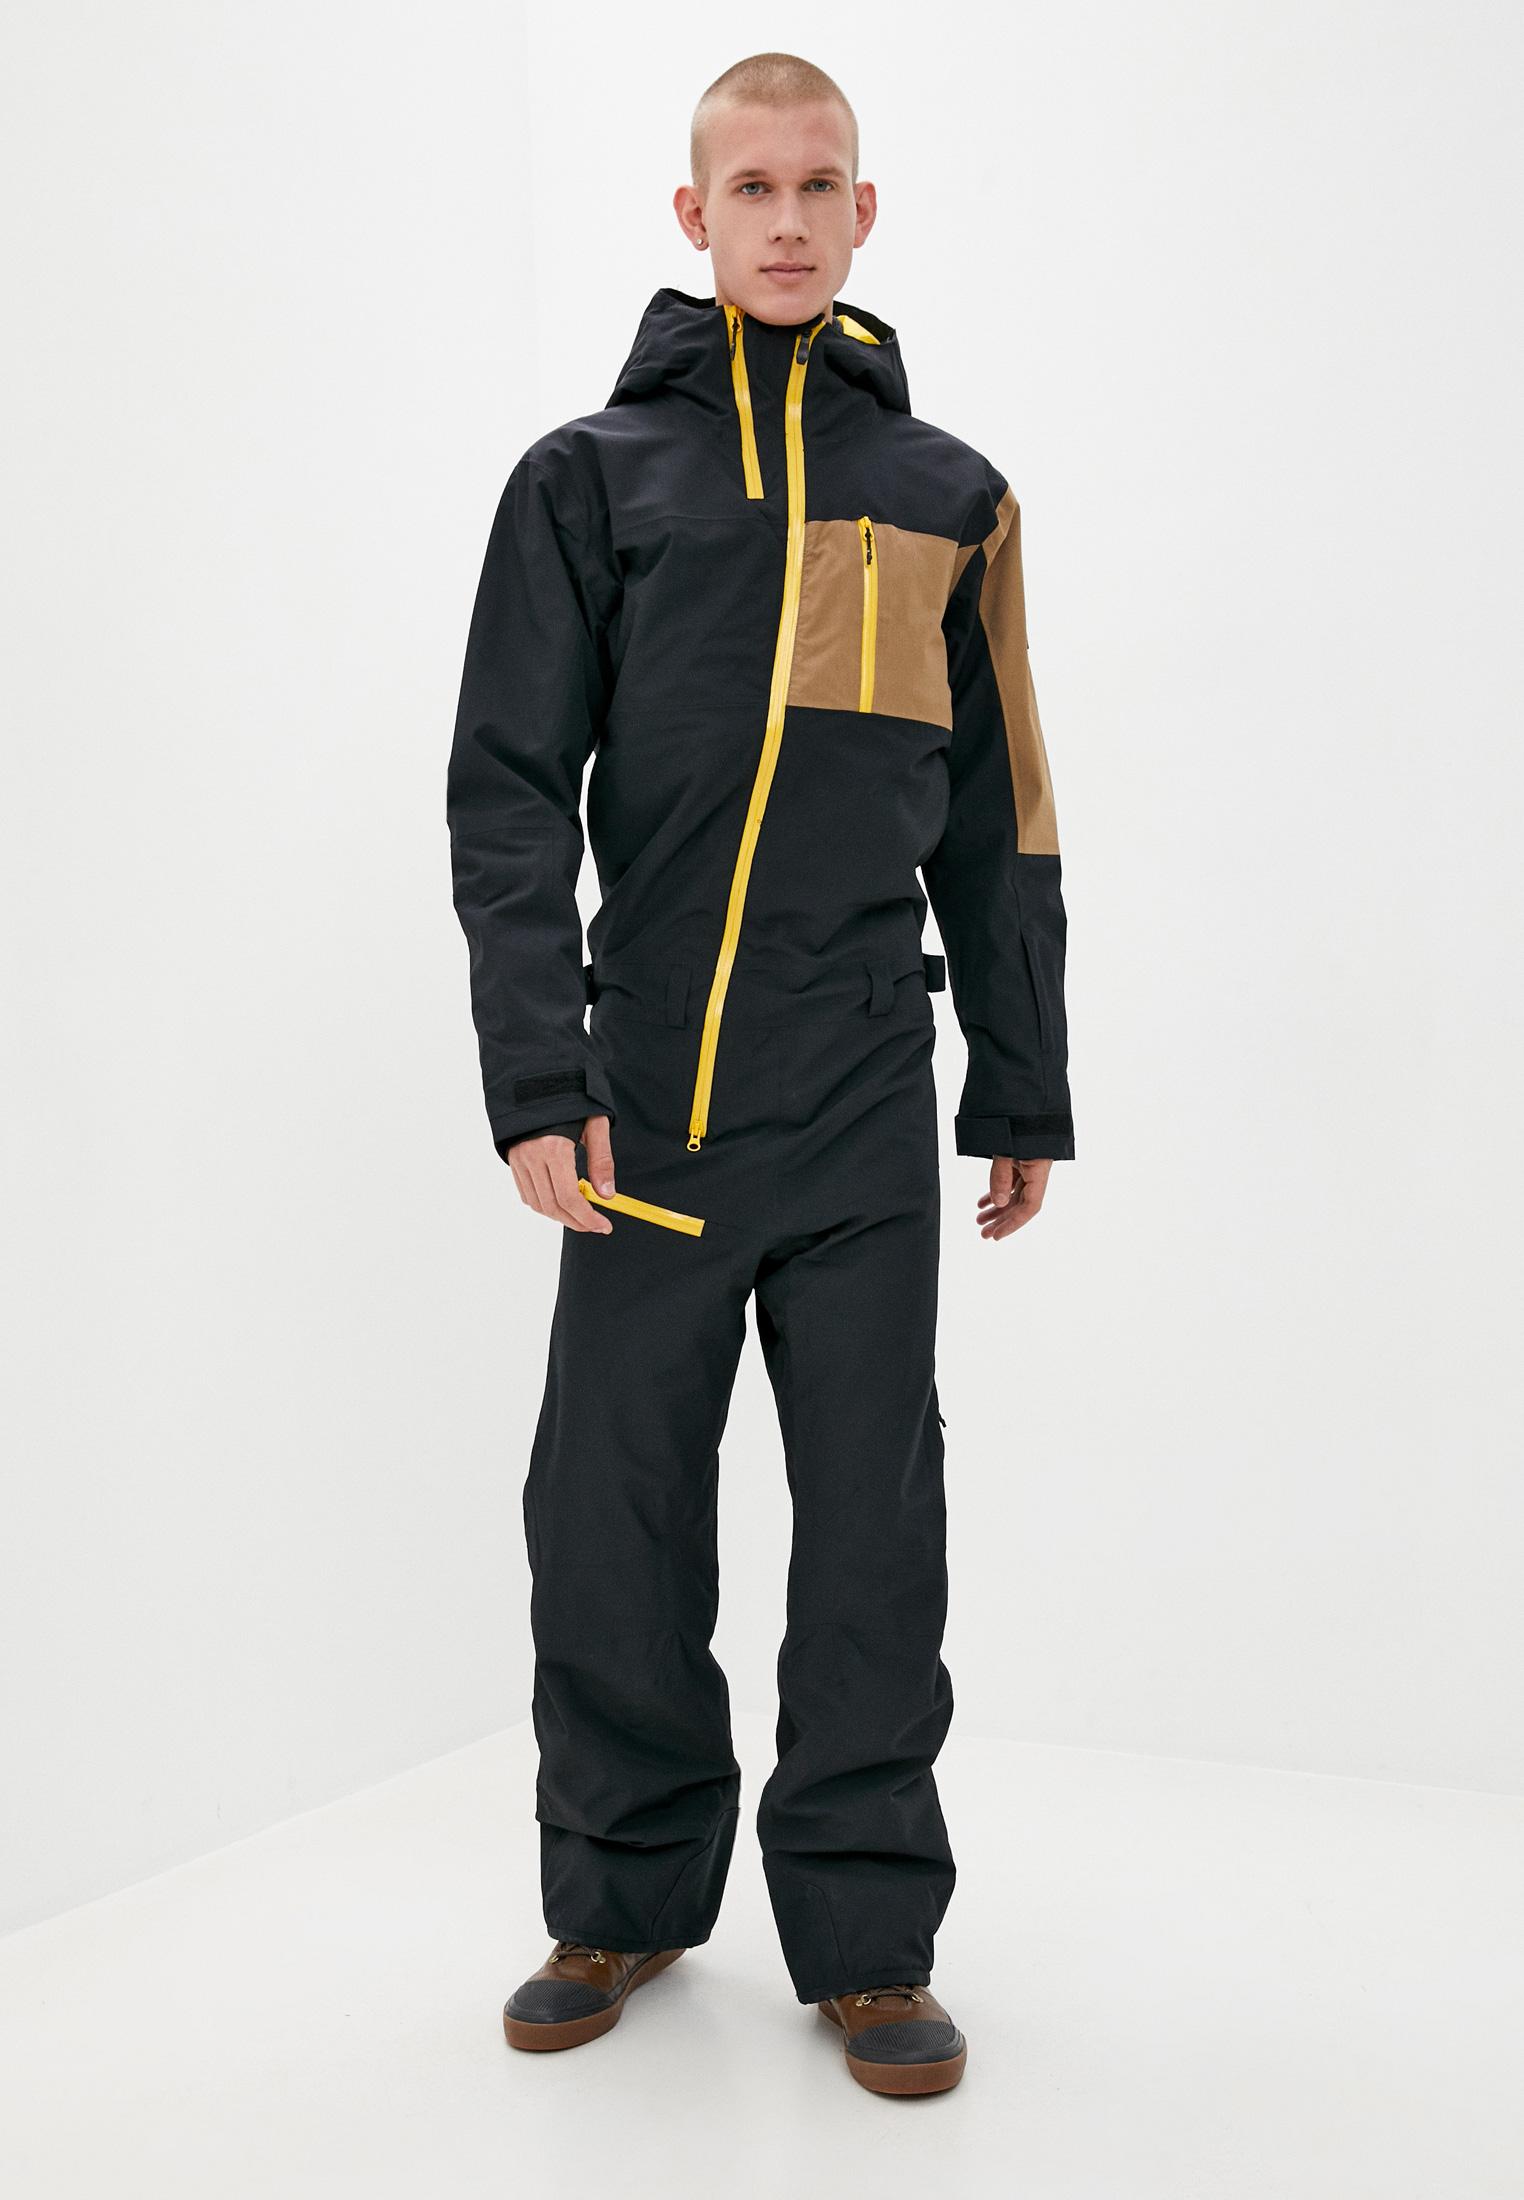 Мужская верхняя одежда Quiksilver (Квиксильвер) Комбинезон горнолыжный Quiksilver